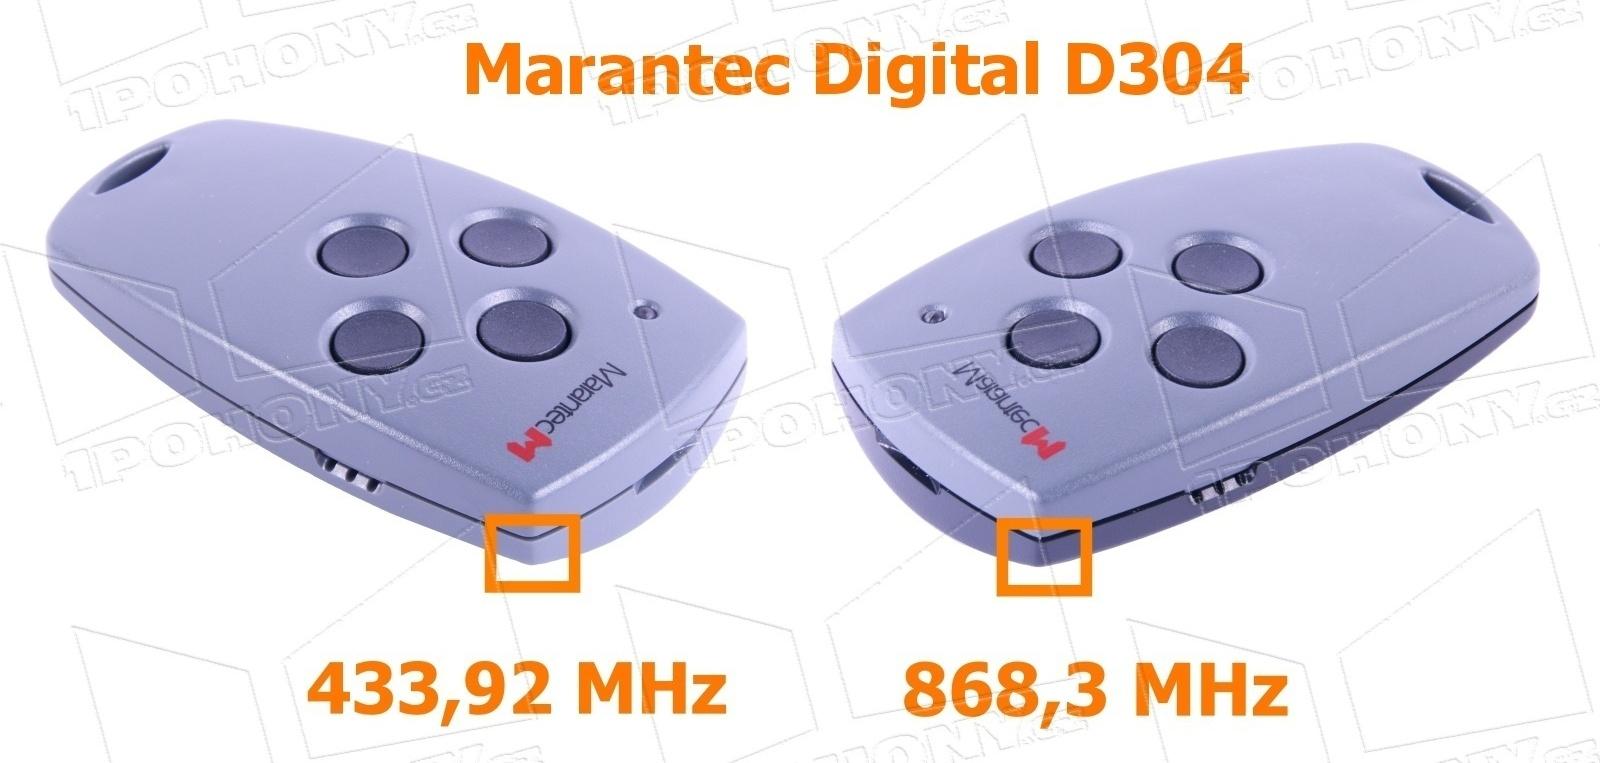 262020-ovladace-marantec-D302-11_1